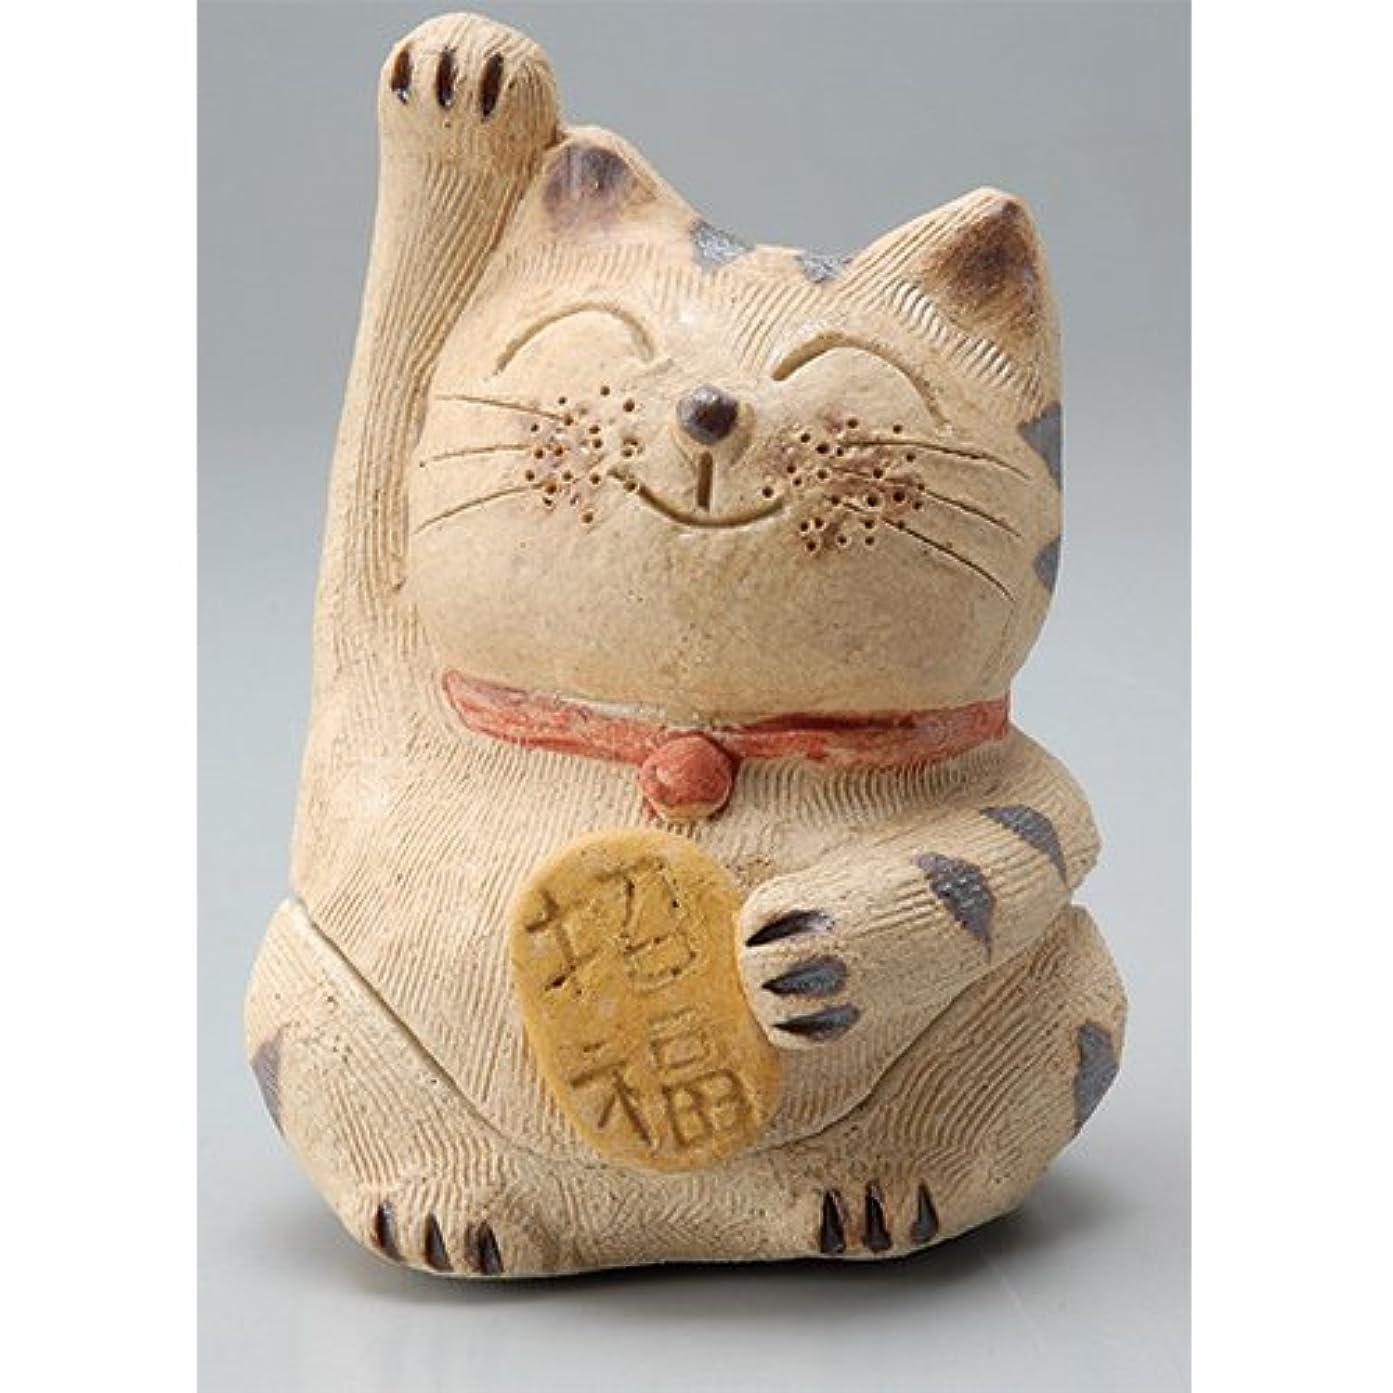 ビジネス傀儡眠いです香炉 微笑み招き猫(お金招き)香炉(小) [H8.5cm] HANDMADE プレゼント ギフト 和食器 かわいい インテリア